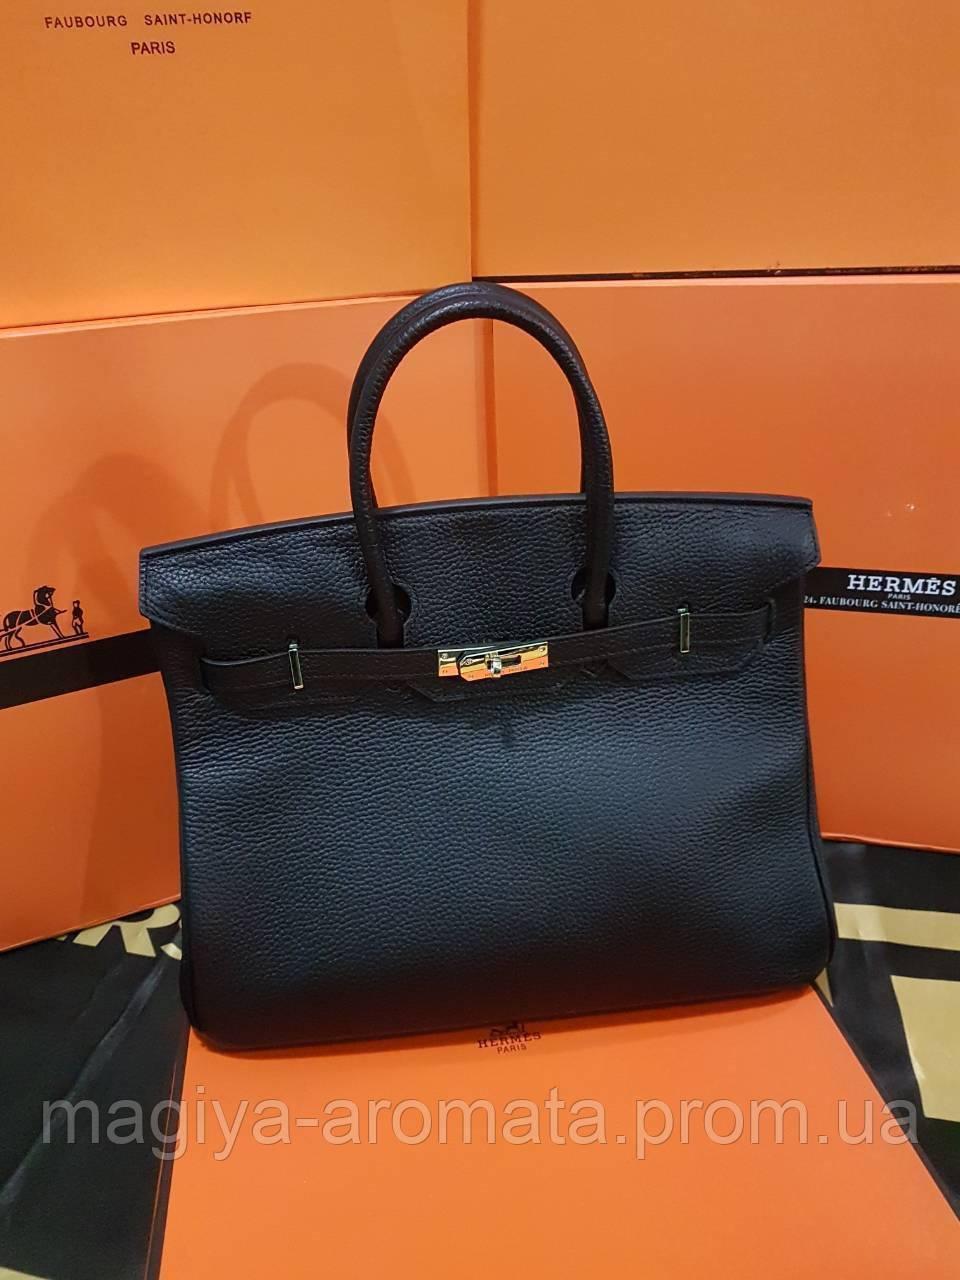 01ab2b887e94 Женская сумка Hermes 45см черная ДОРОЖНАЯ УНИСЕКС МУЖСКАЯ Original quality  Travel Birkin, цена 4 725 грн., купить в Киеве — Prom.ua (ID#929497351)